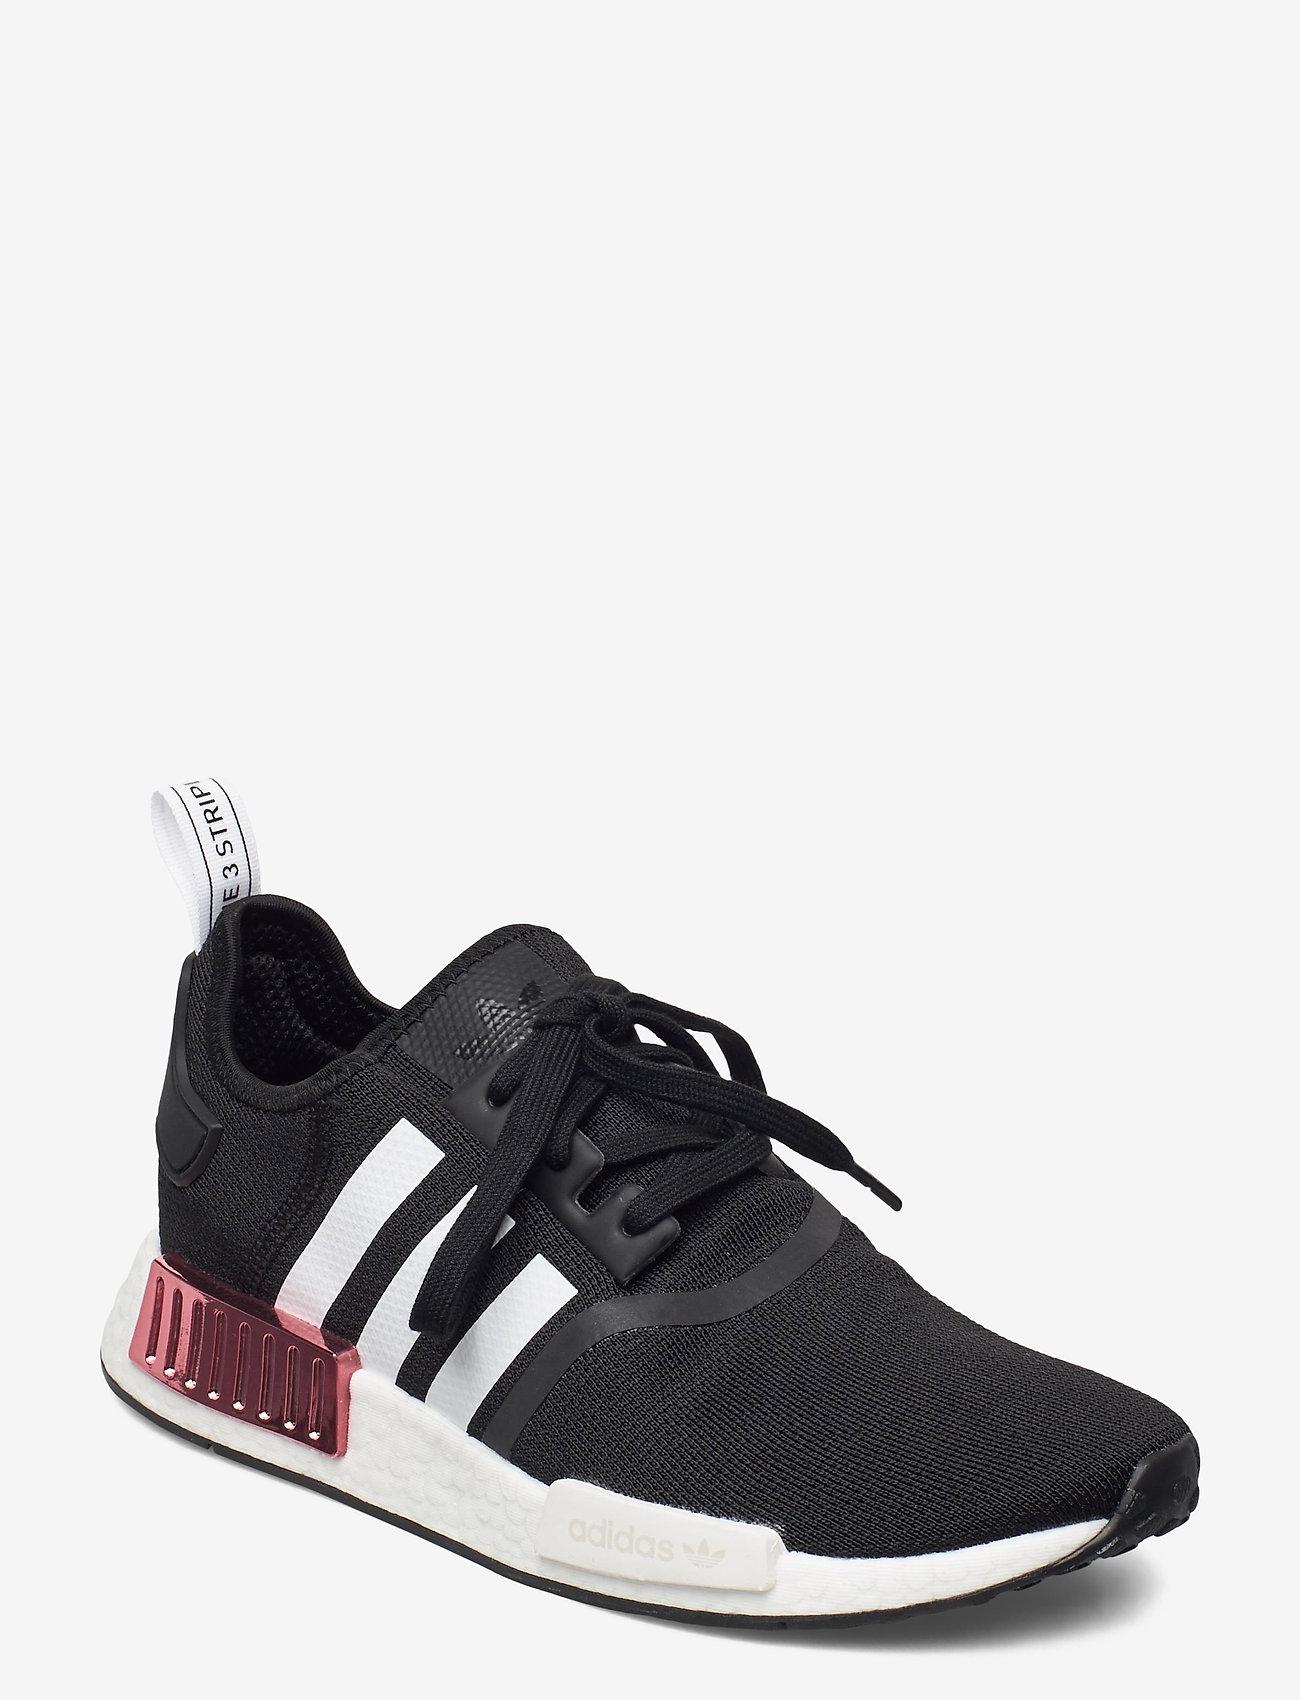 adidas Originals - NMD_R1 W - laag sneakers - cblack/ftwwht/hazros - 0